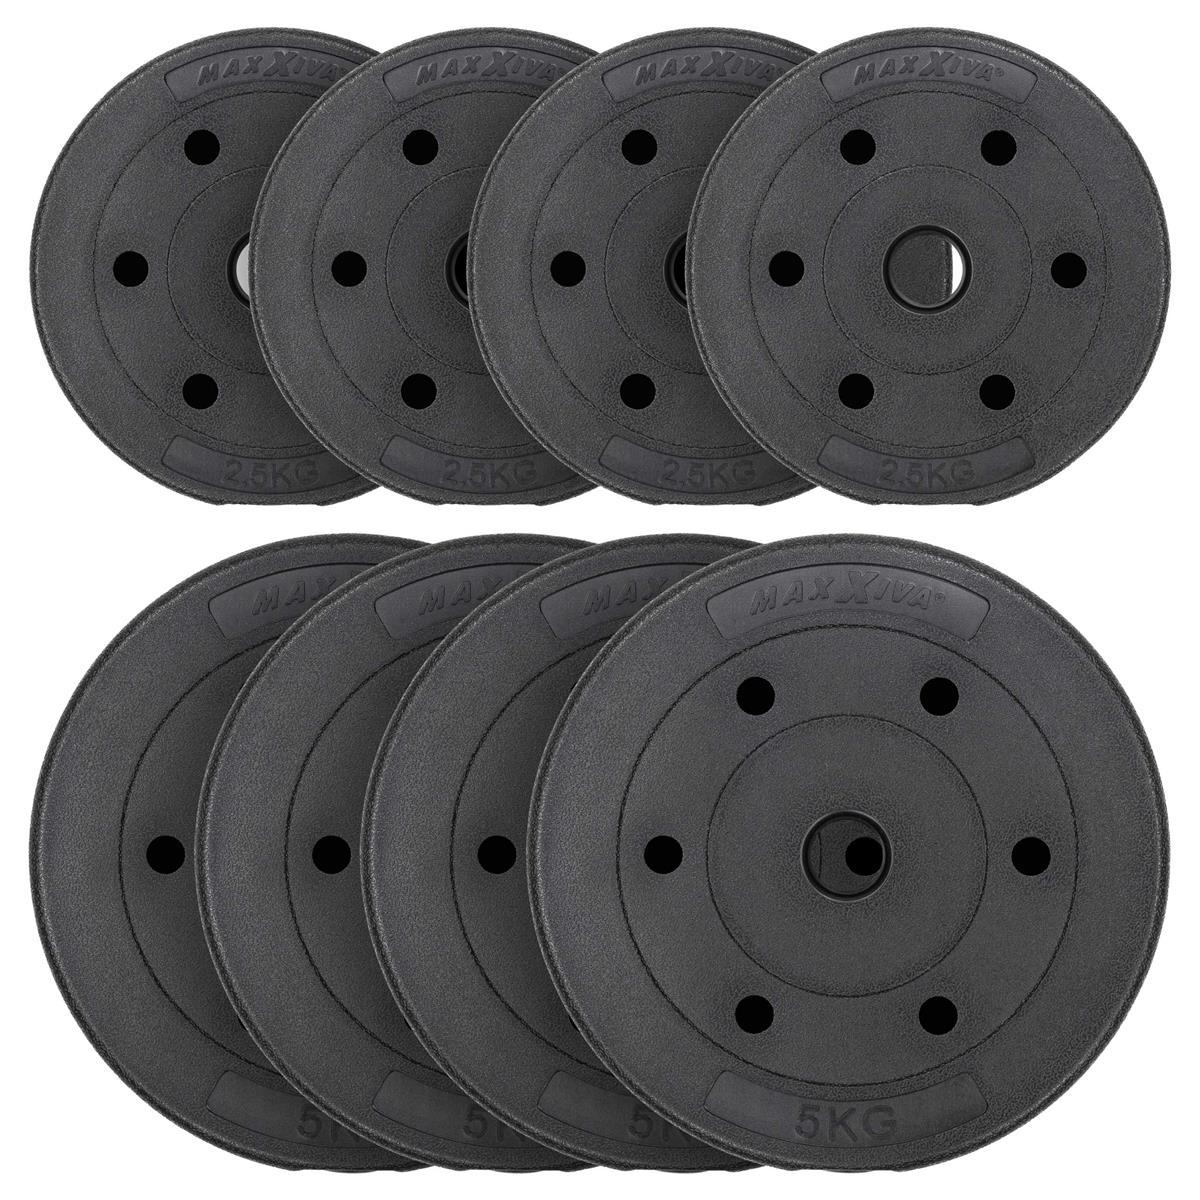 MAXXIVA Hantelscheiben Set Zement 30 kg 8 Gewichte schwarz Gewichtsscheiben